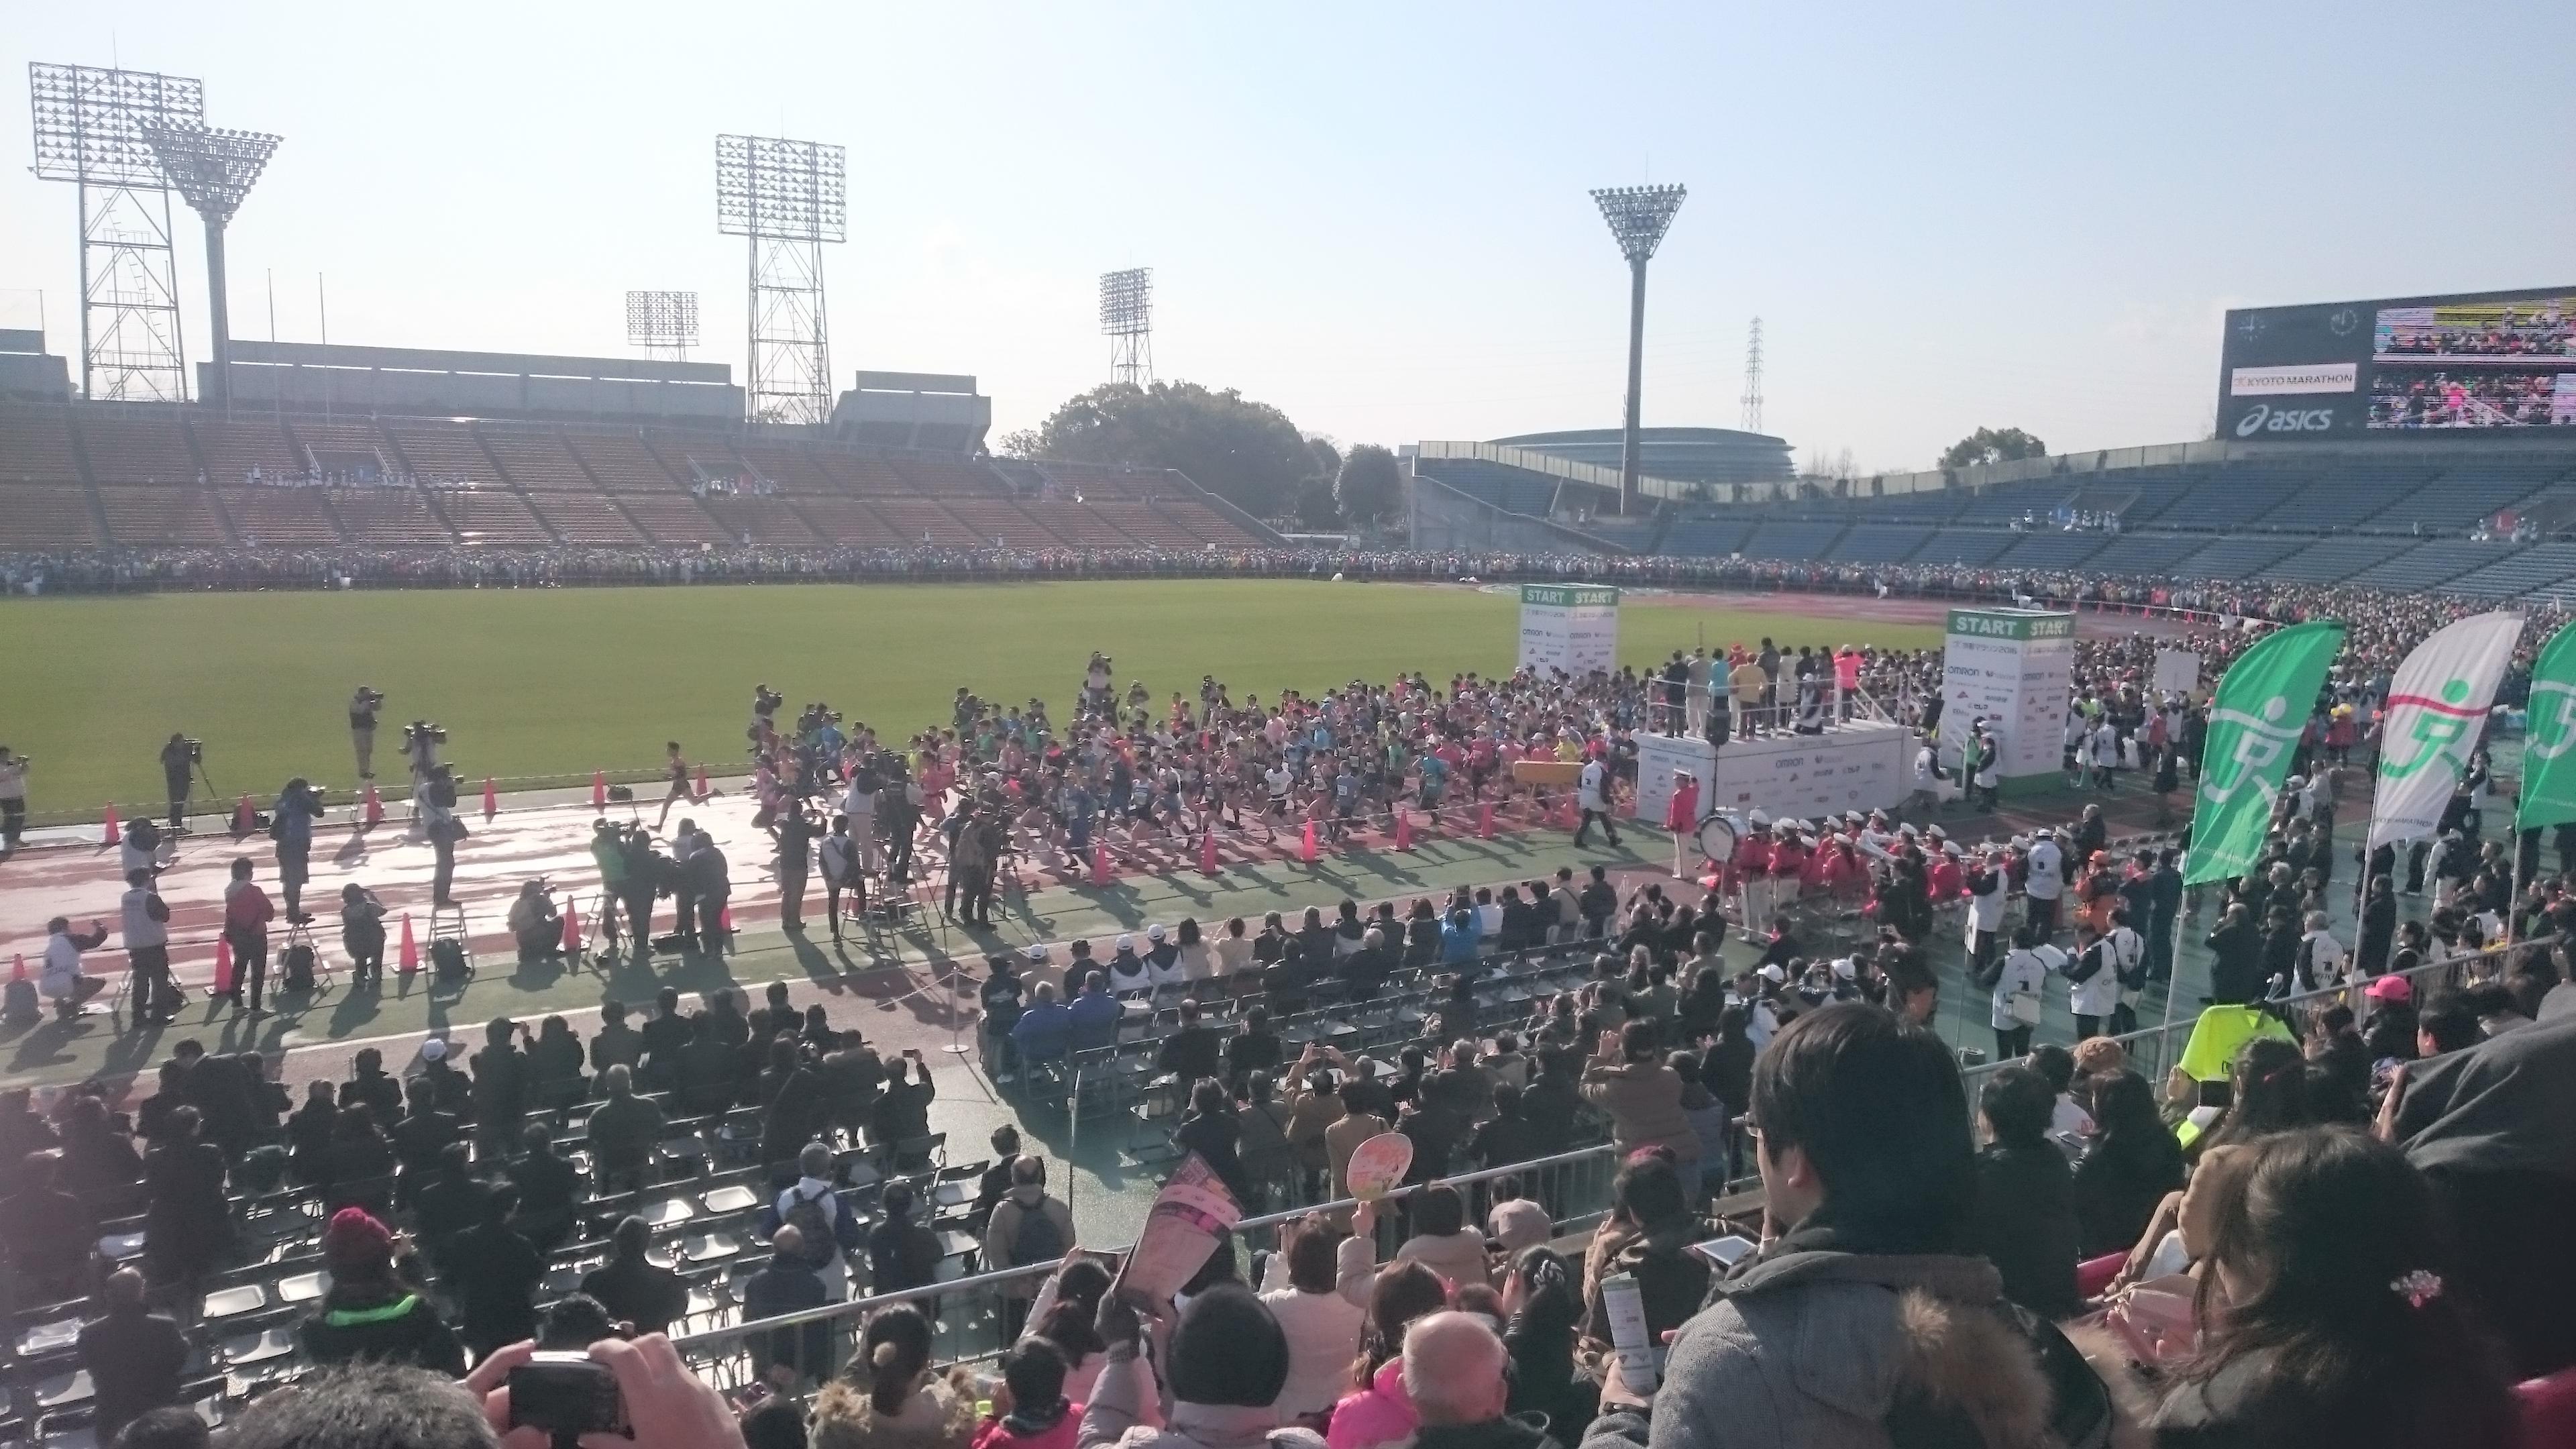 京都 マラソン 中止